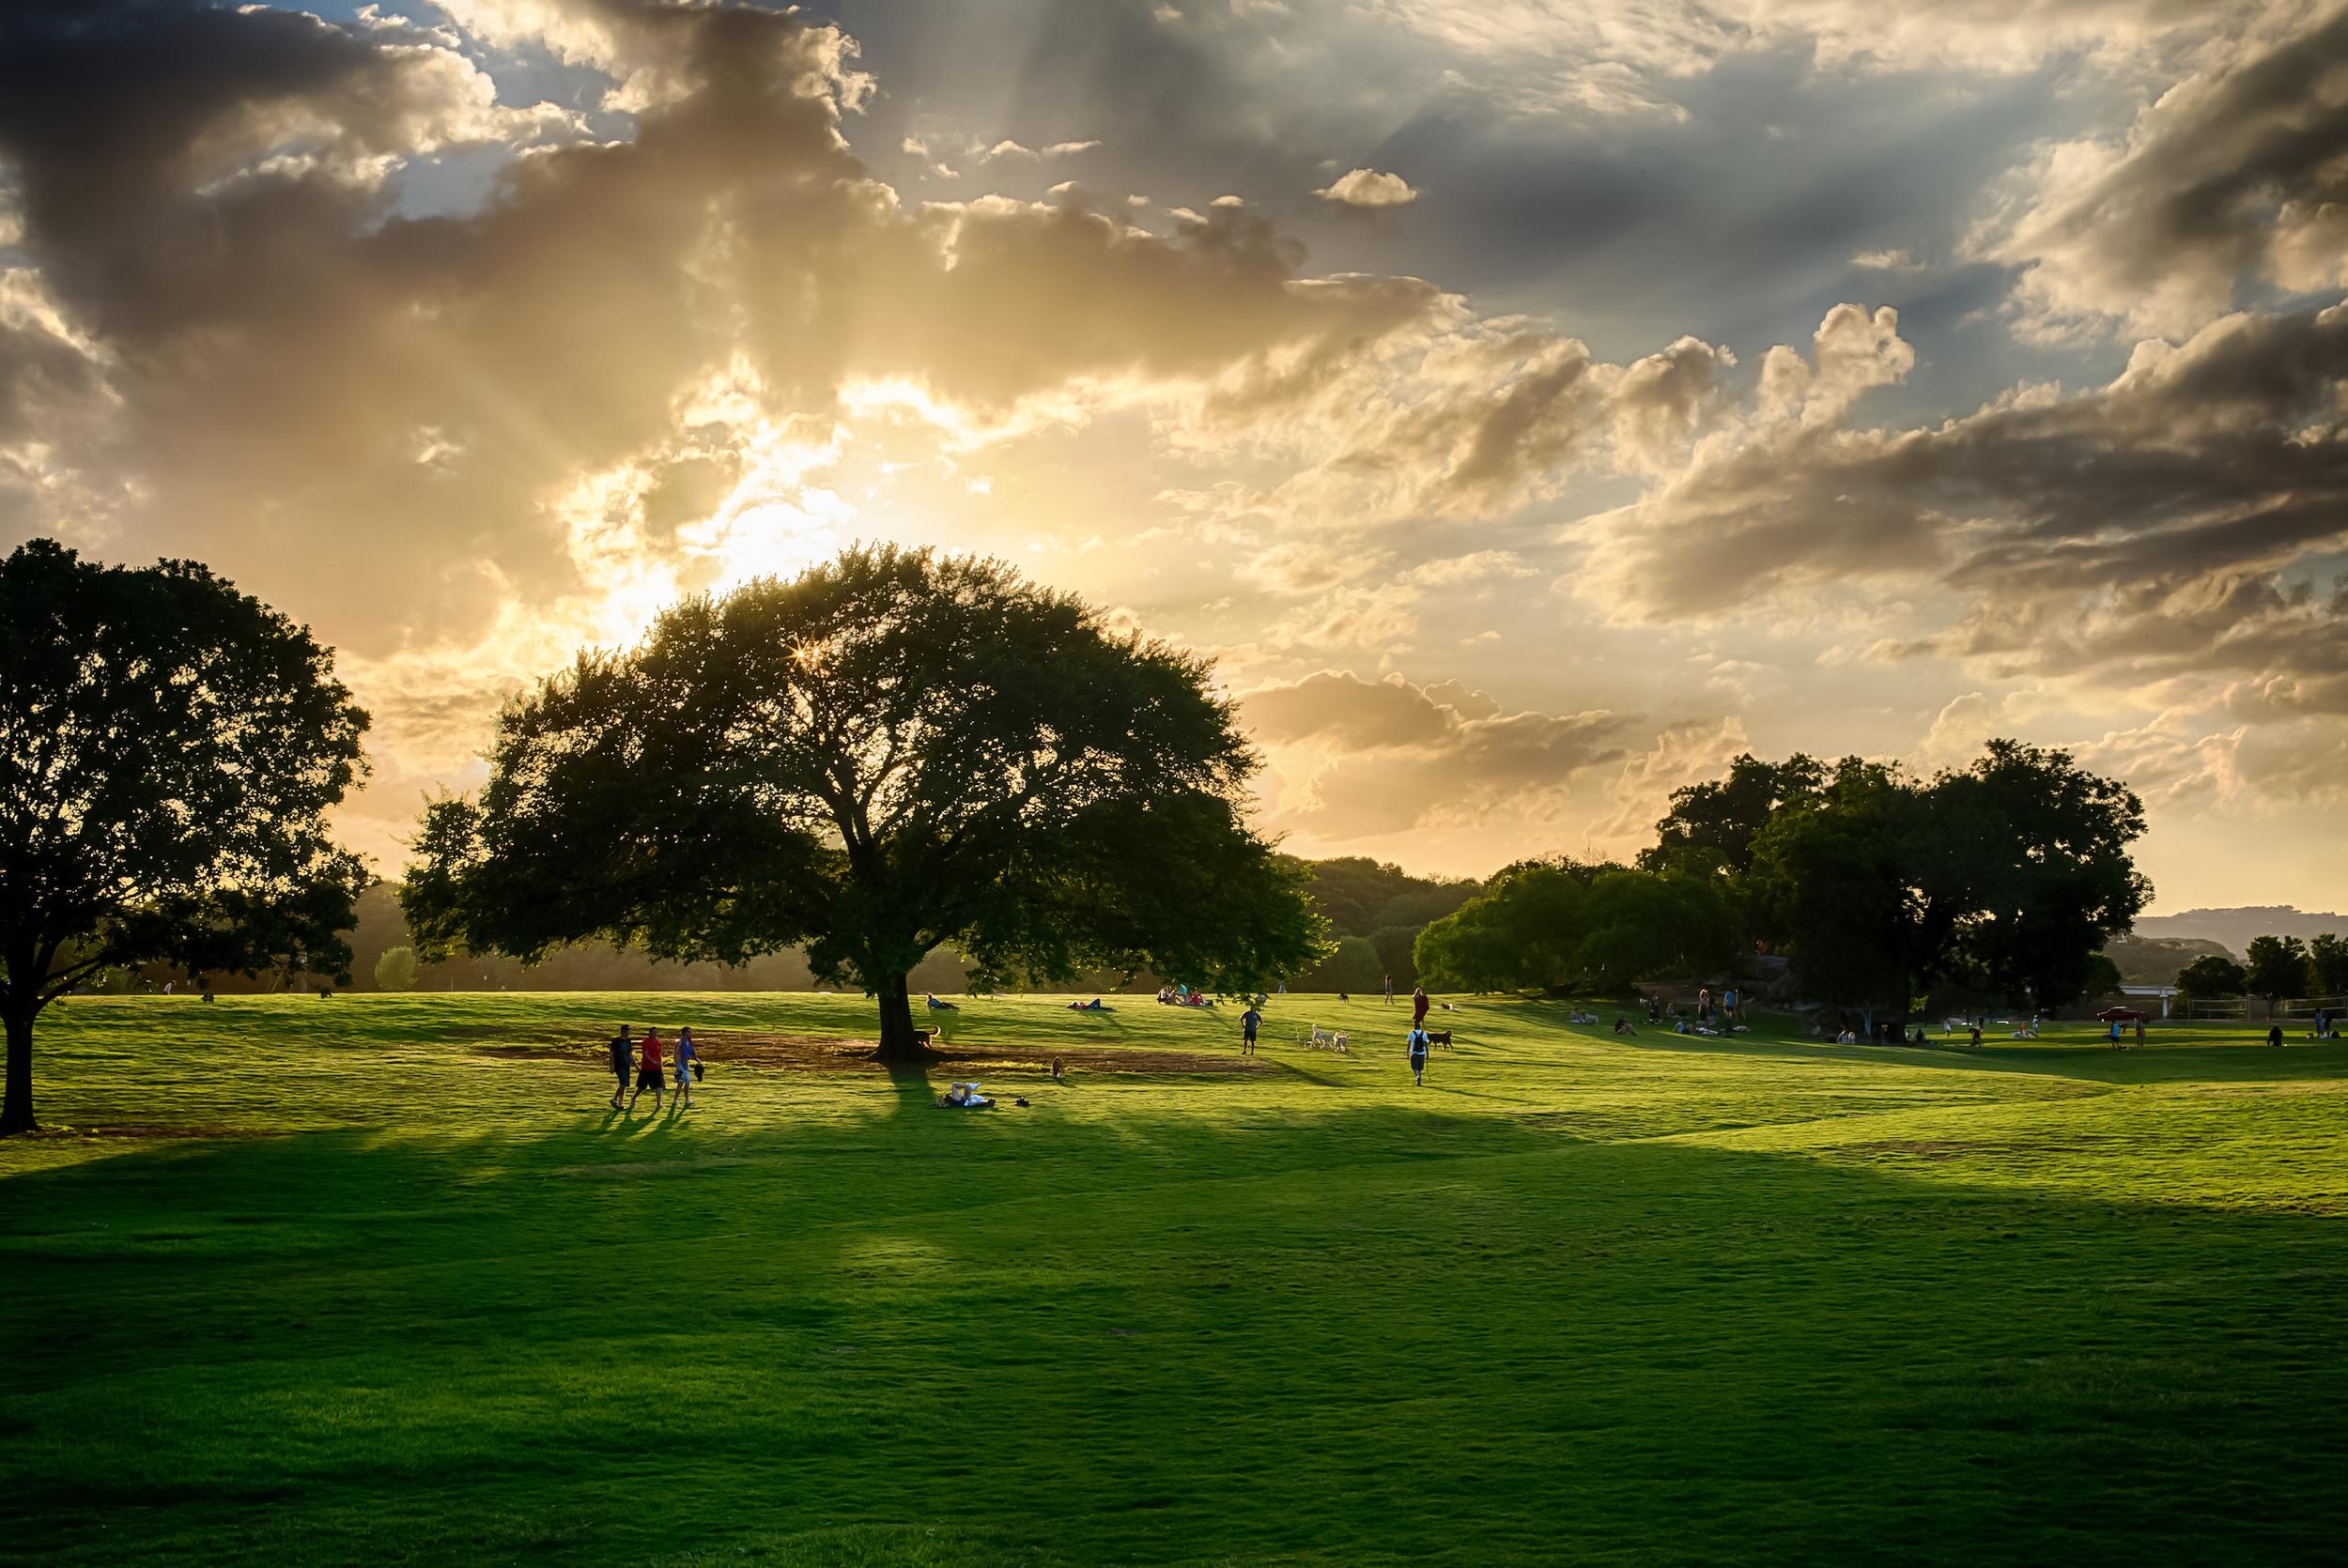 Sunset at Zilker Park